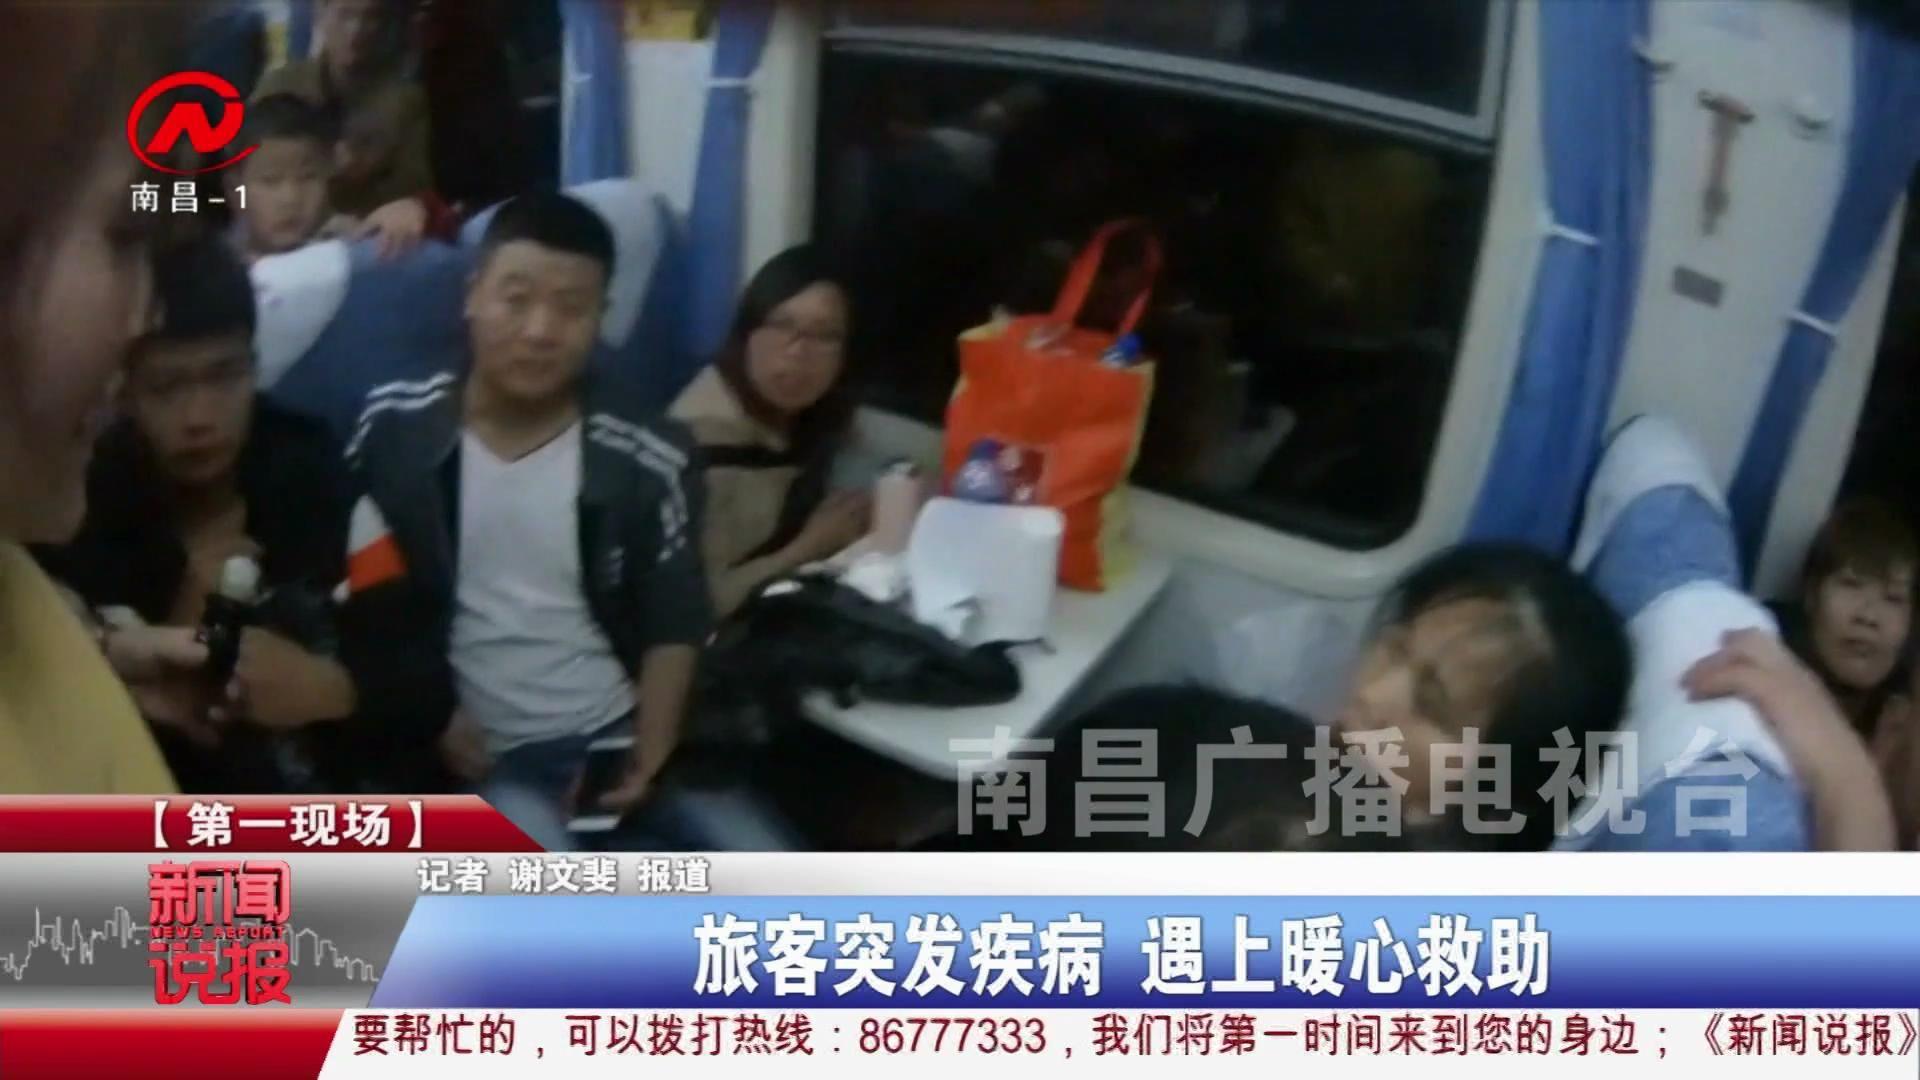 旅客突发疾病 遇上暖心救助